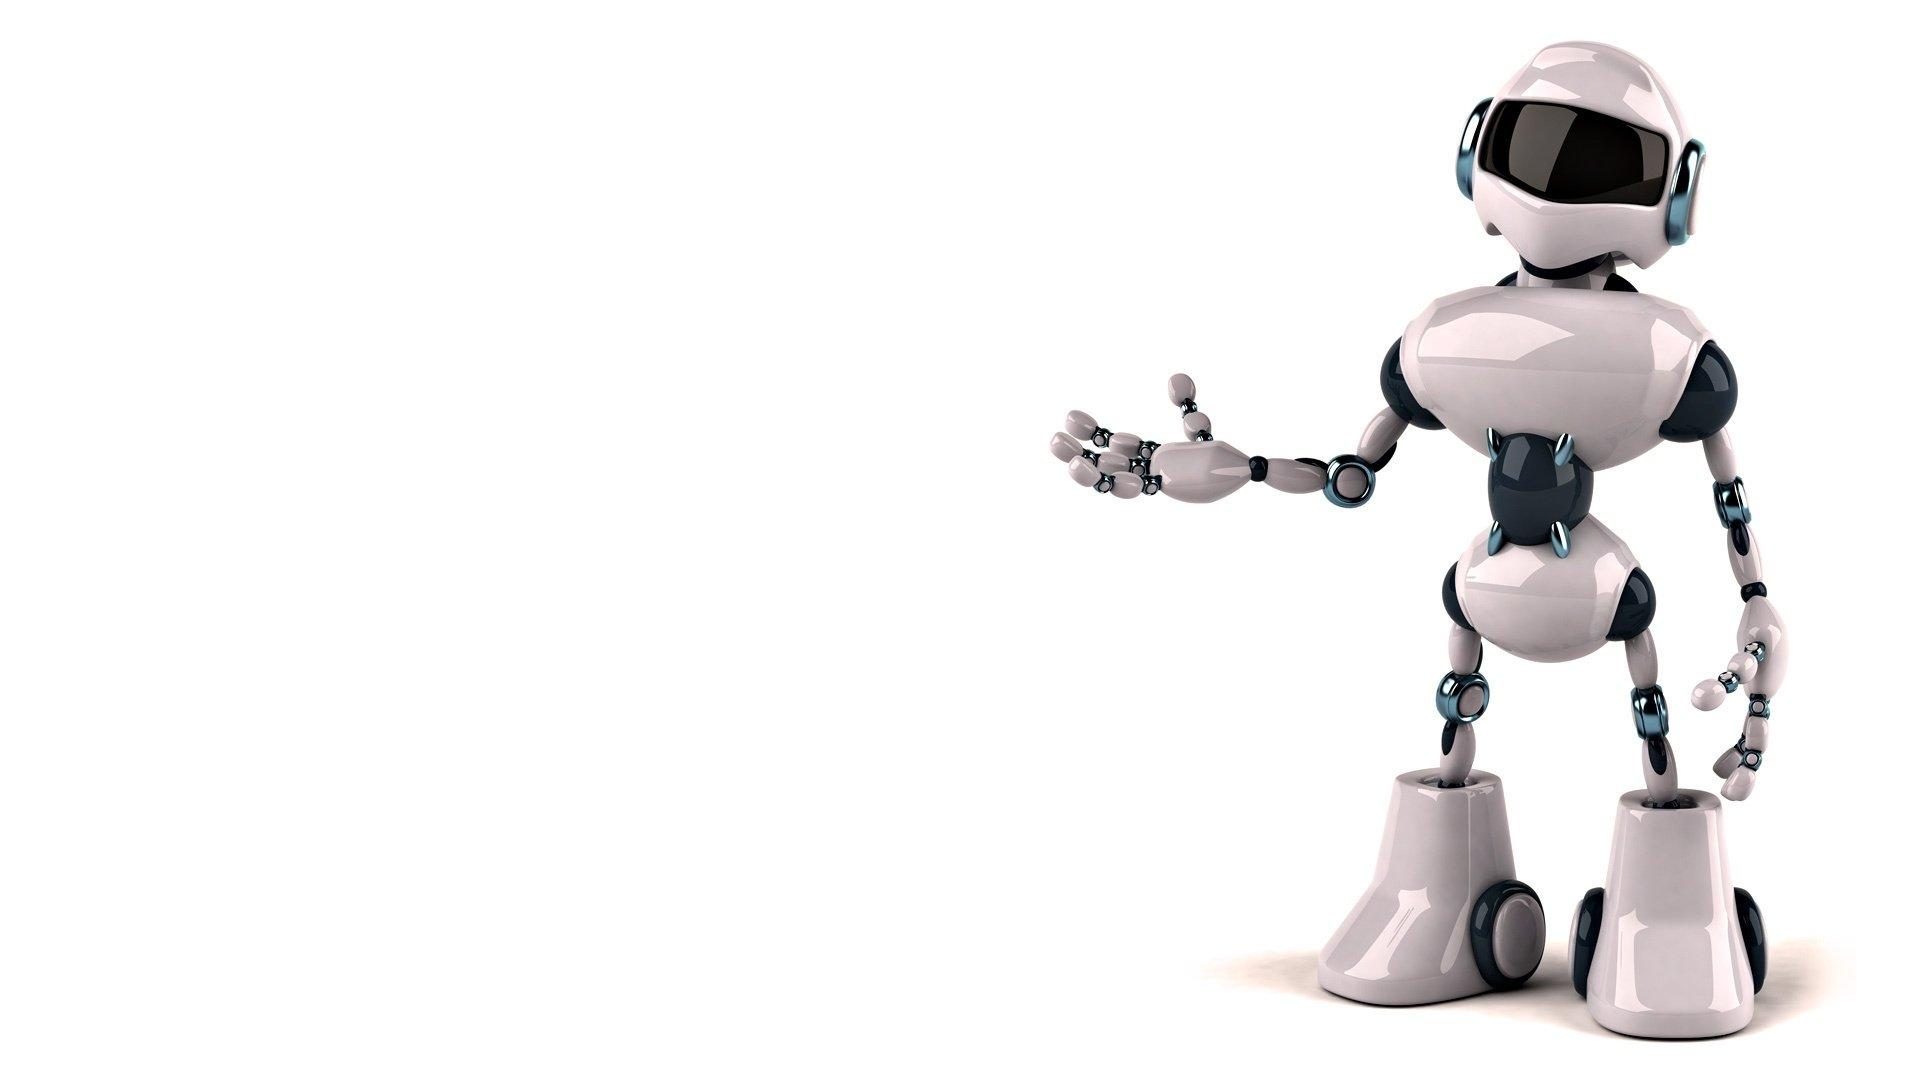 Robot Hd Wallpaper Wallpapersafari